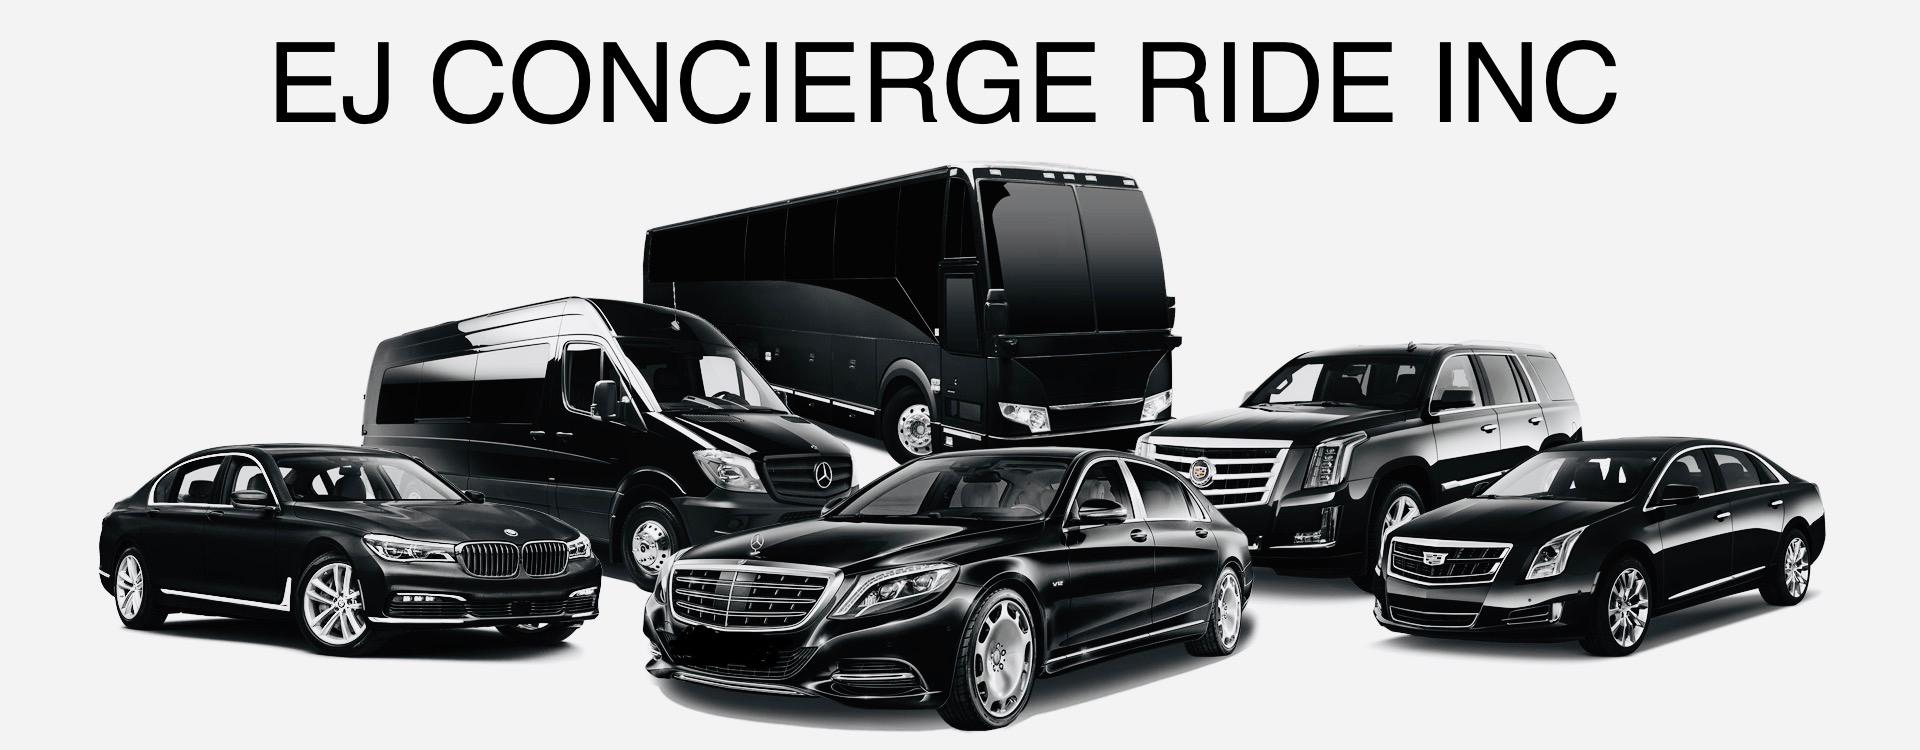 EJ Concierge Ride Inc